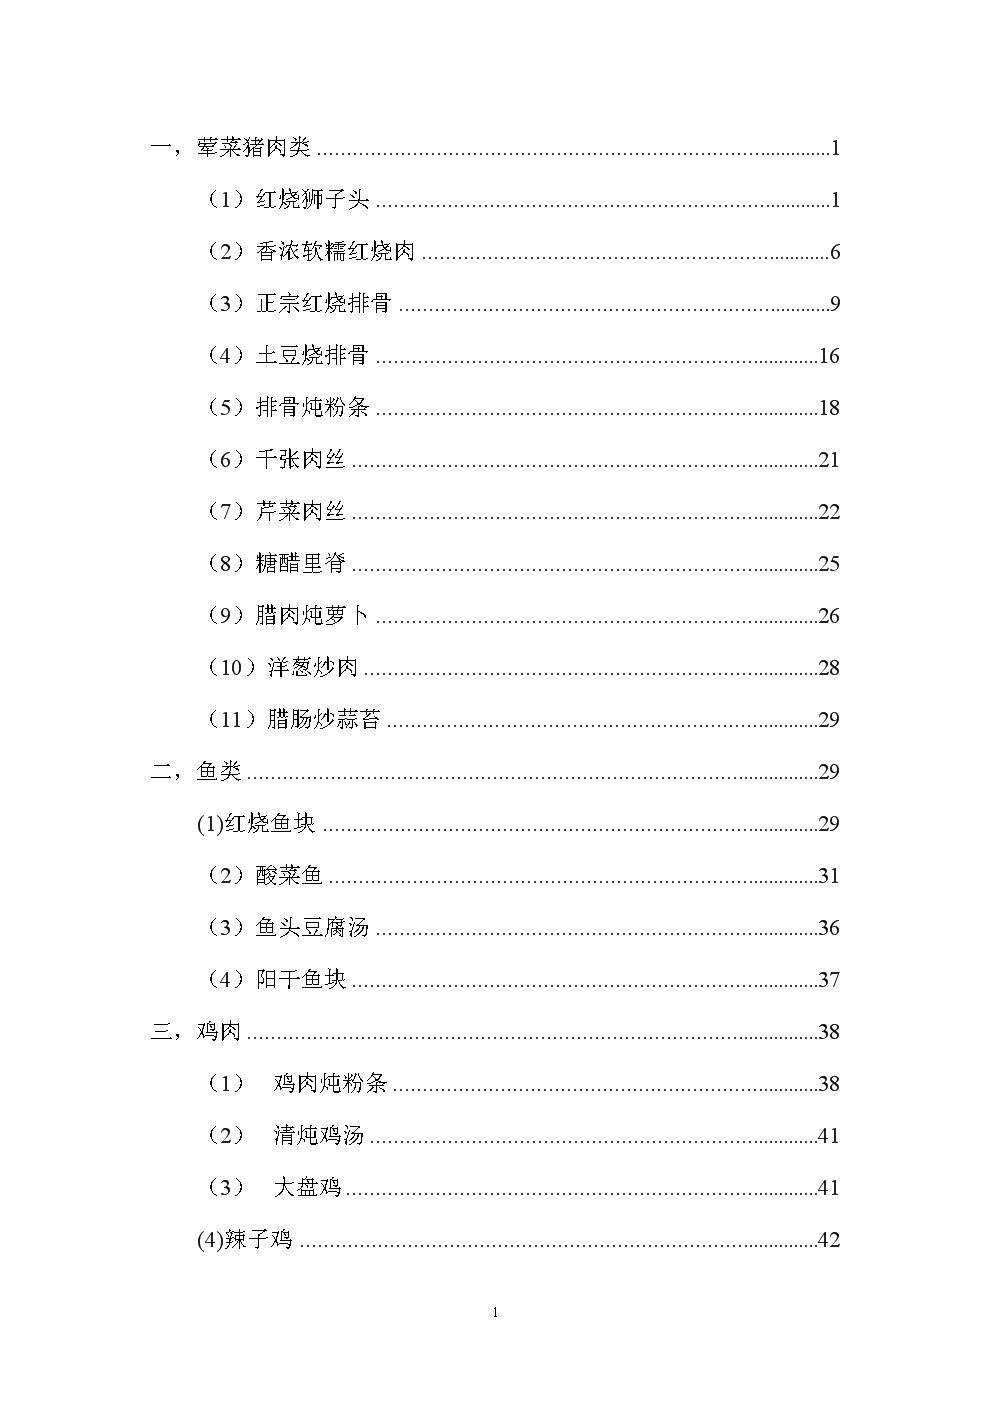 各种菜谱自编详解.doc菜谱商务多国晚宴图片